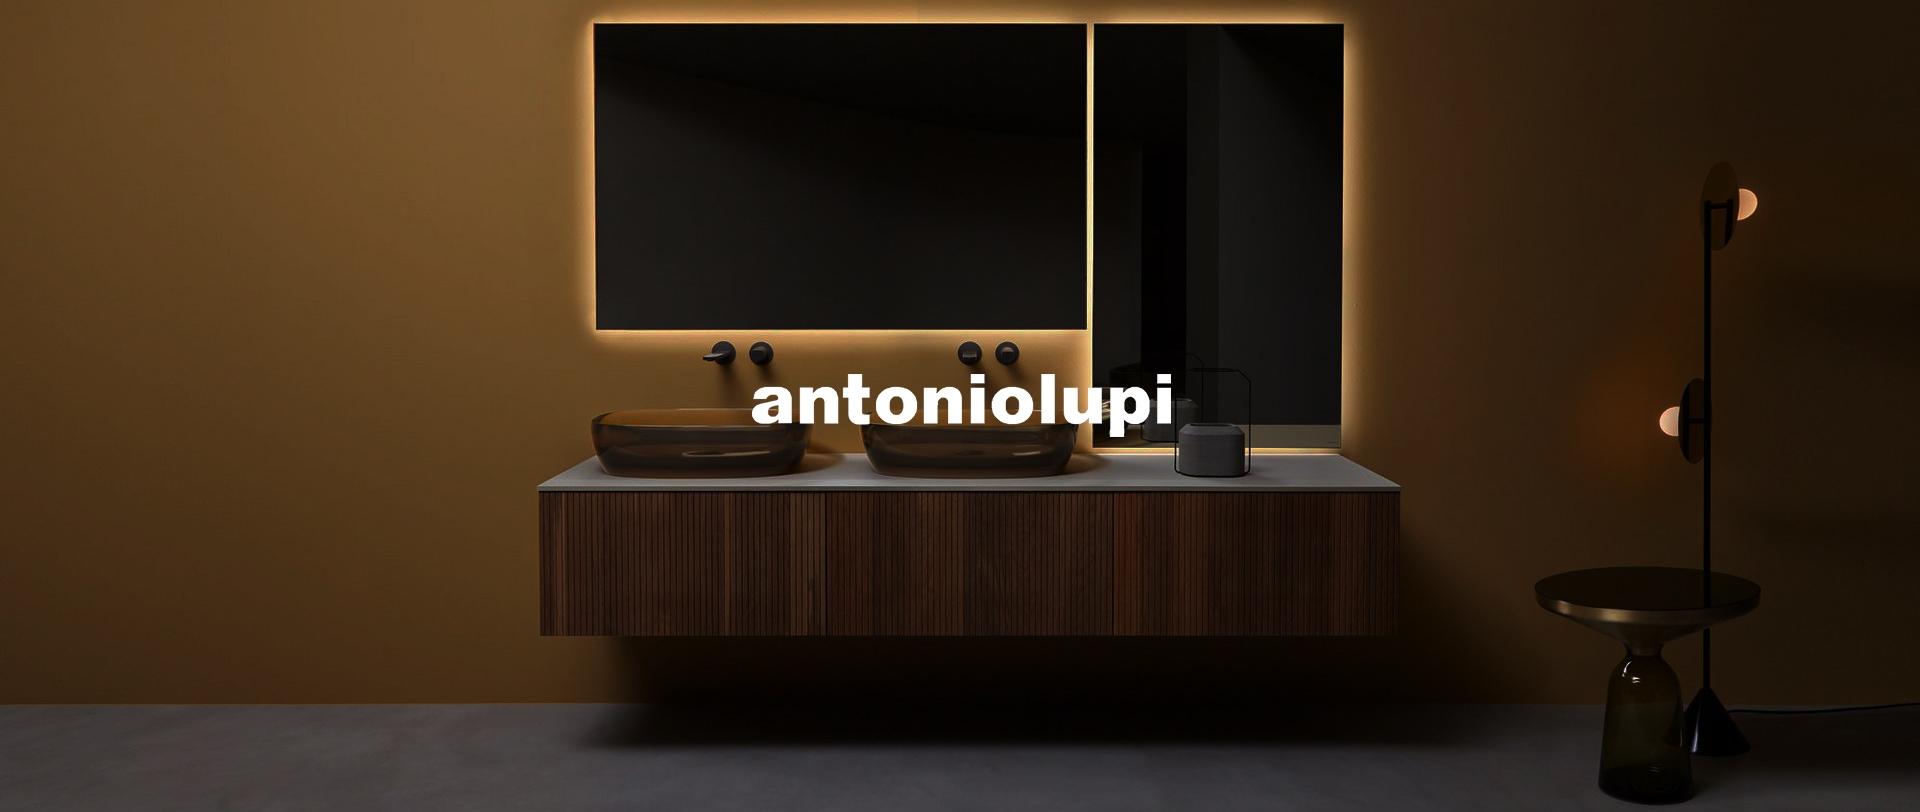 Antonio Lupi Edilceram